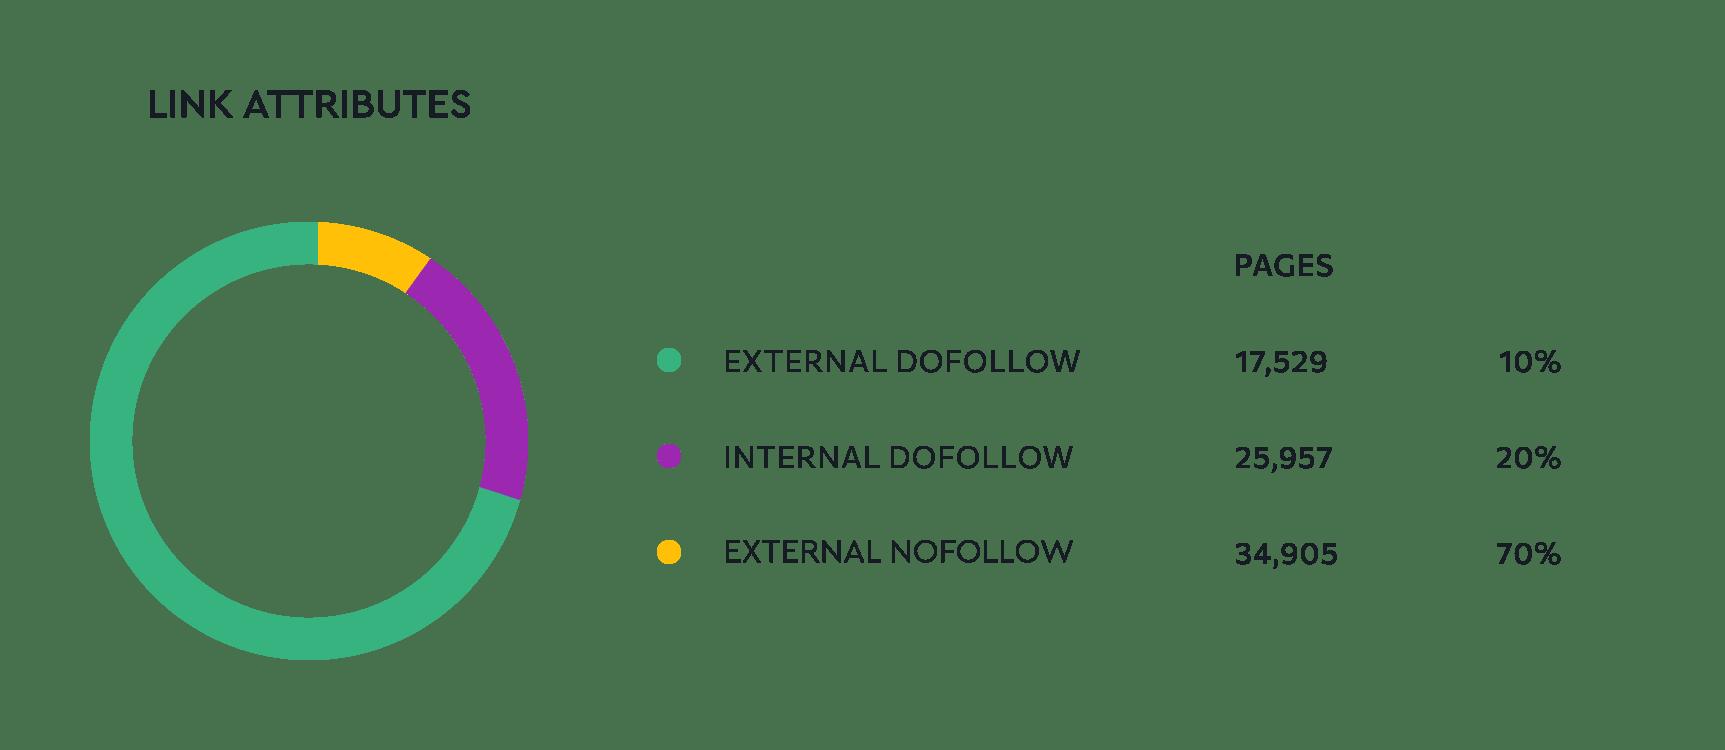 Distribución de atributos de enlace